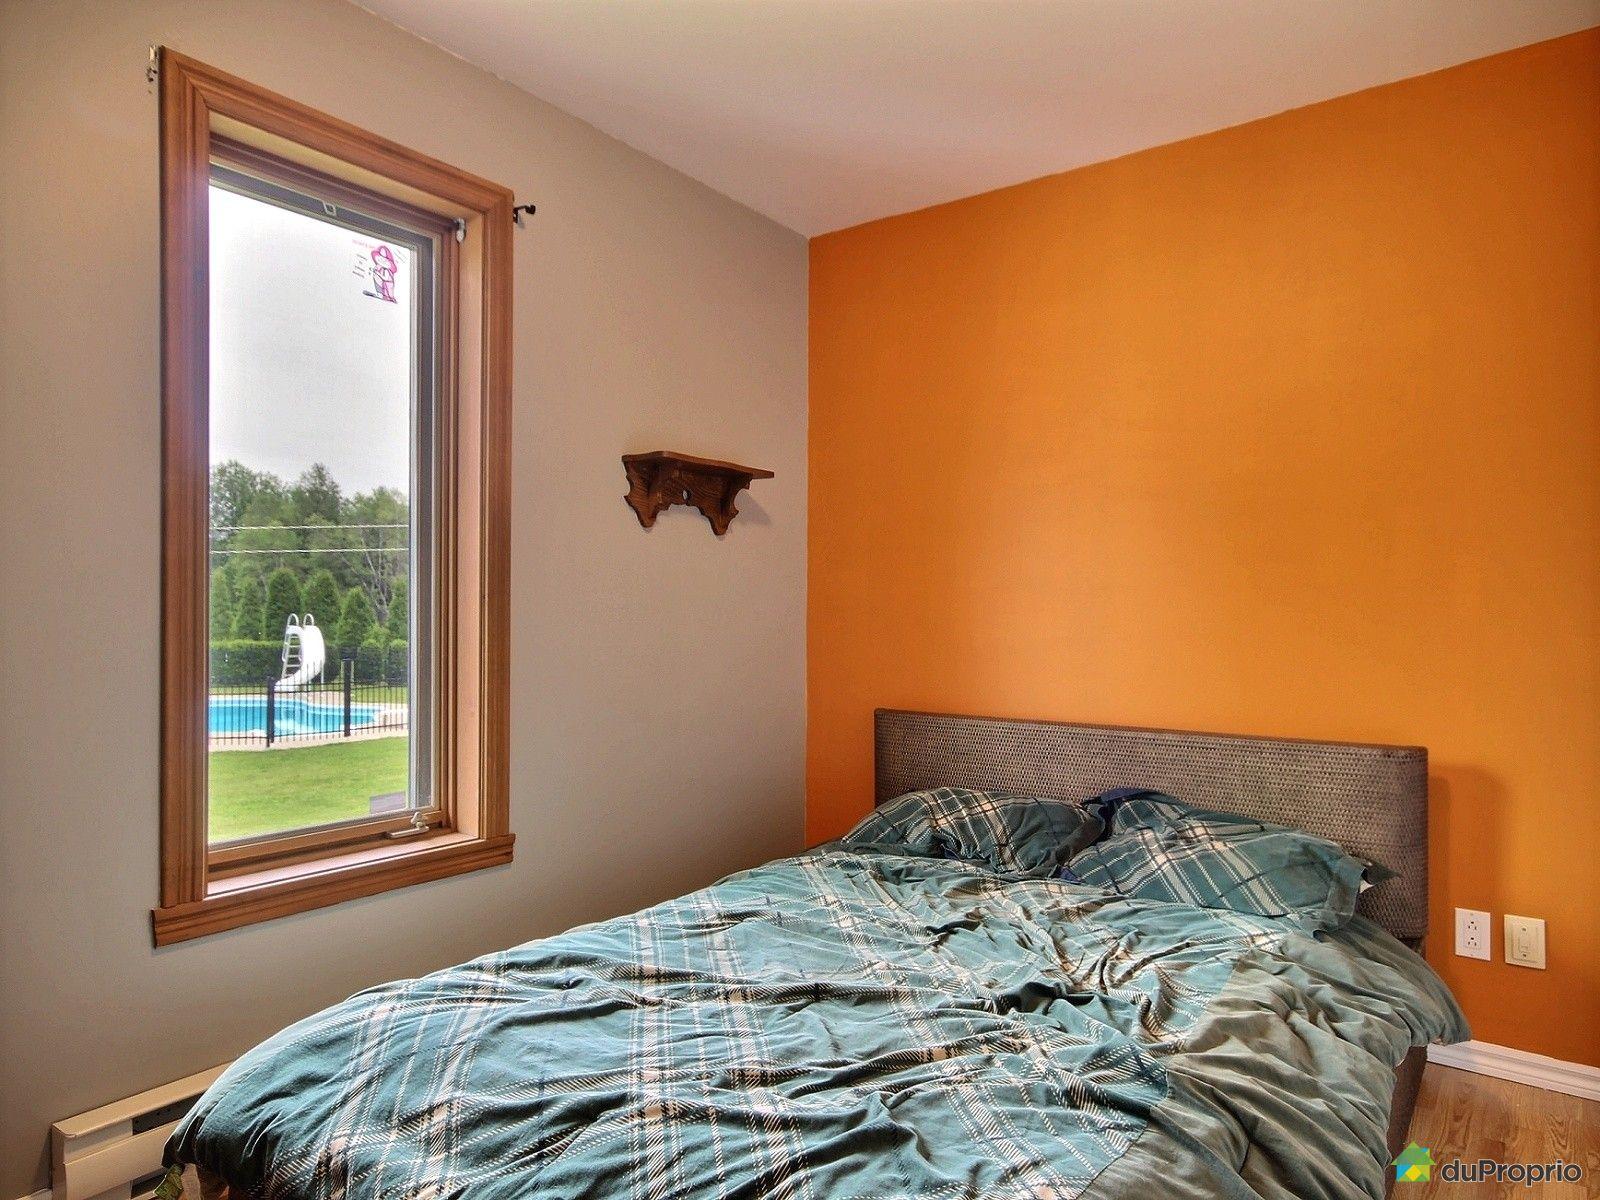 Maison vendre nd du mont carmel 4700 rue boisclair for Maison du mont